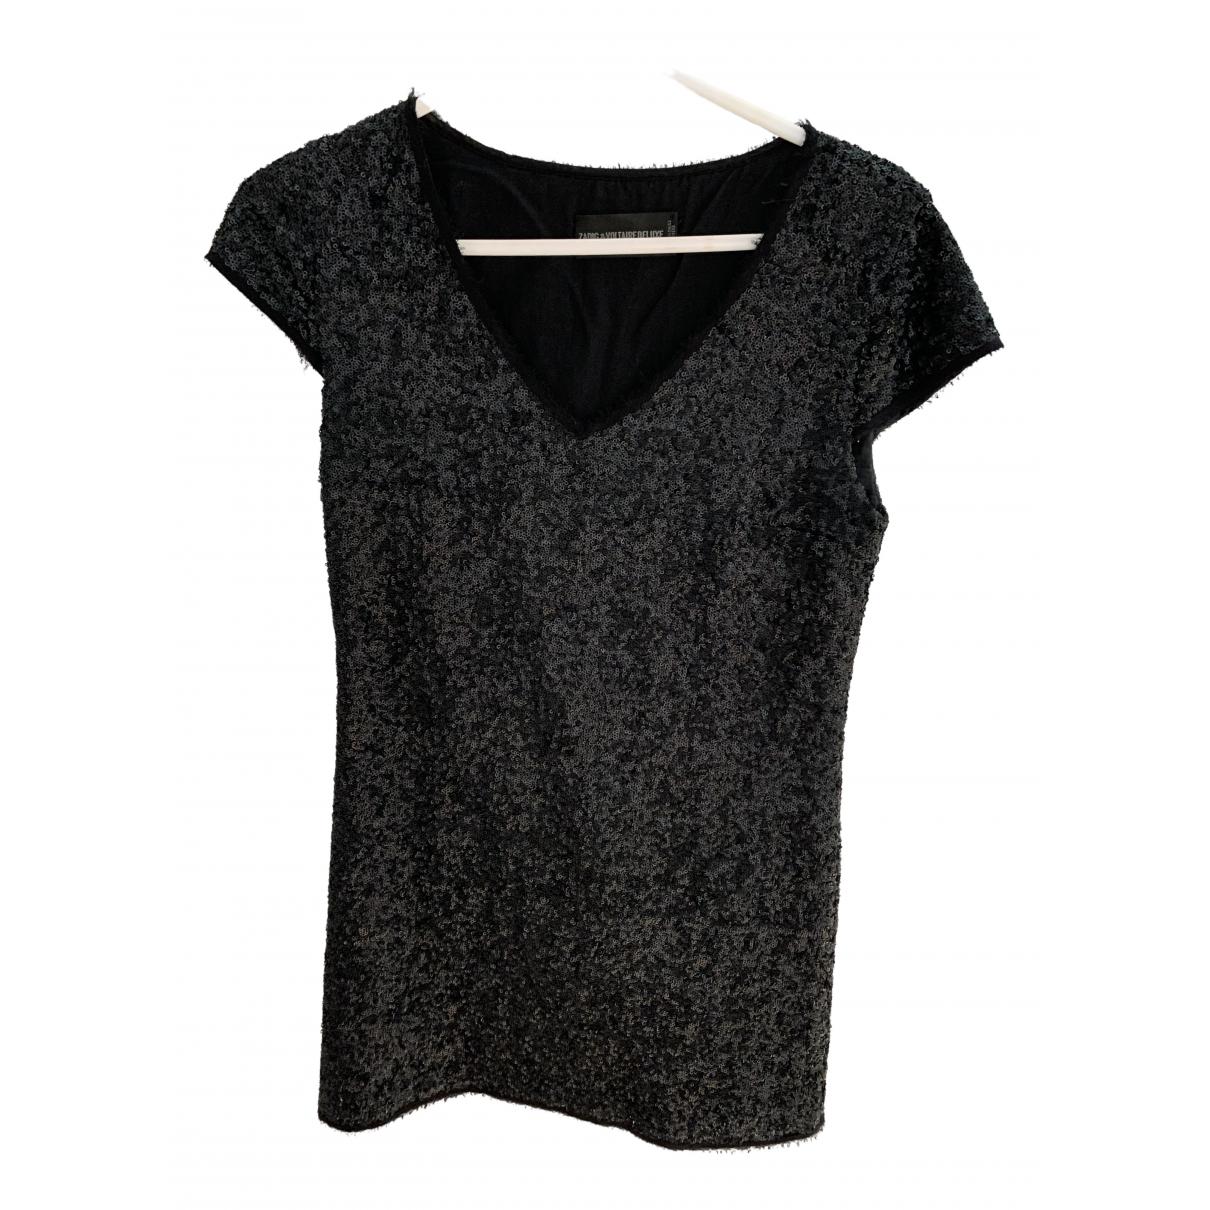 Zadig & Voltaire \N Black Glitter dress for Women S International